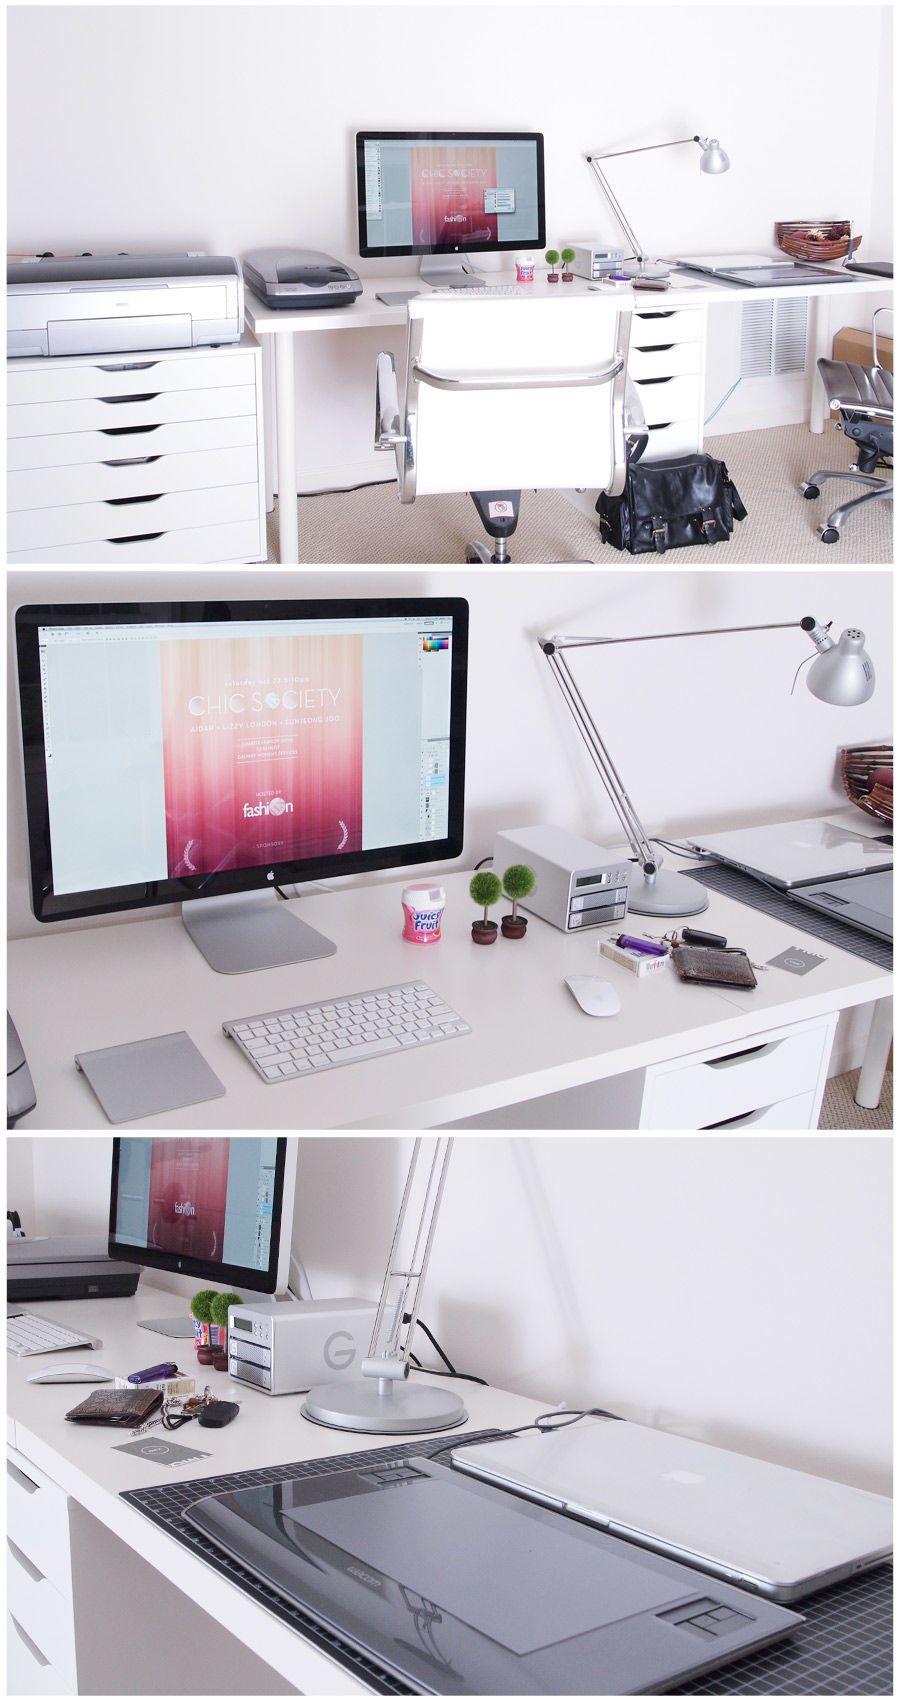 Workspace Inspiration #10 | Workspace inspiration, Graphic designer ...